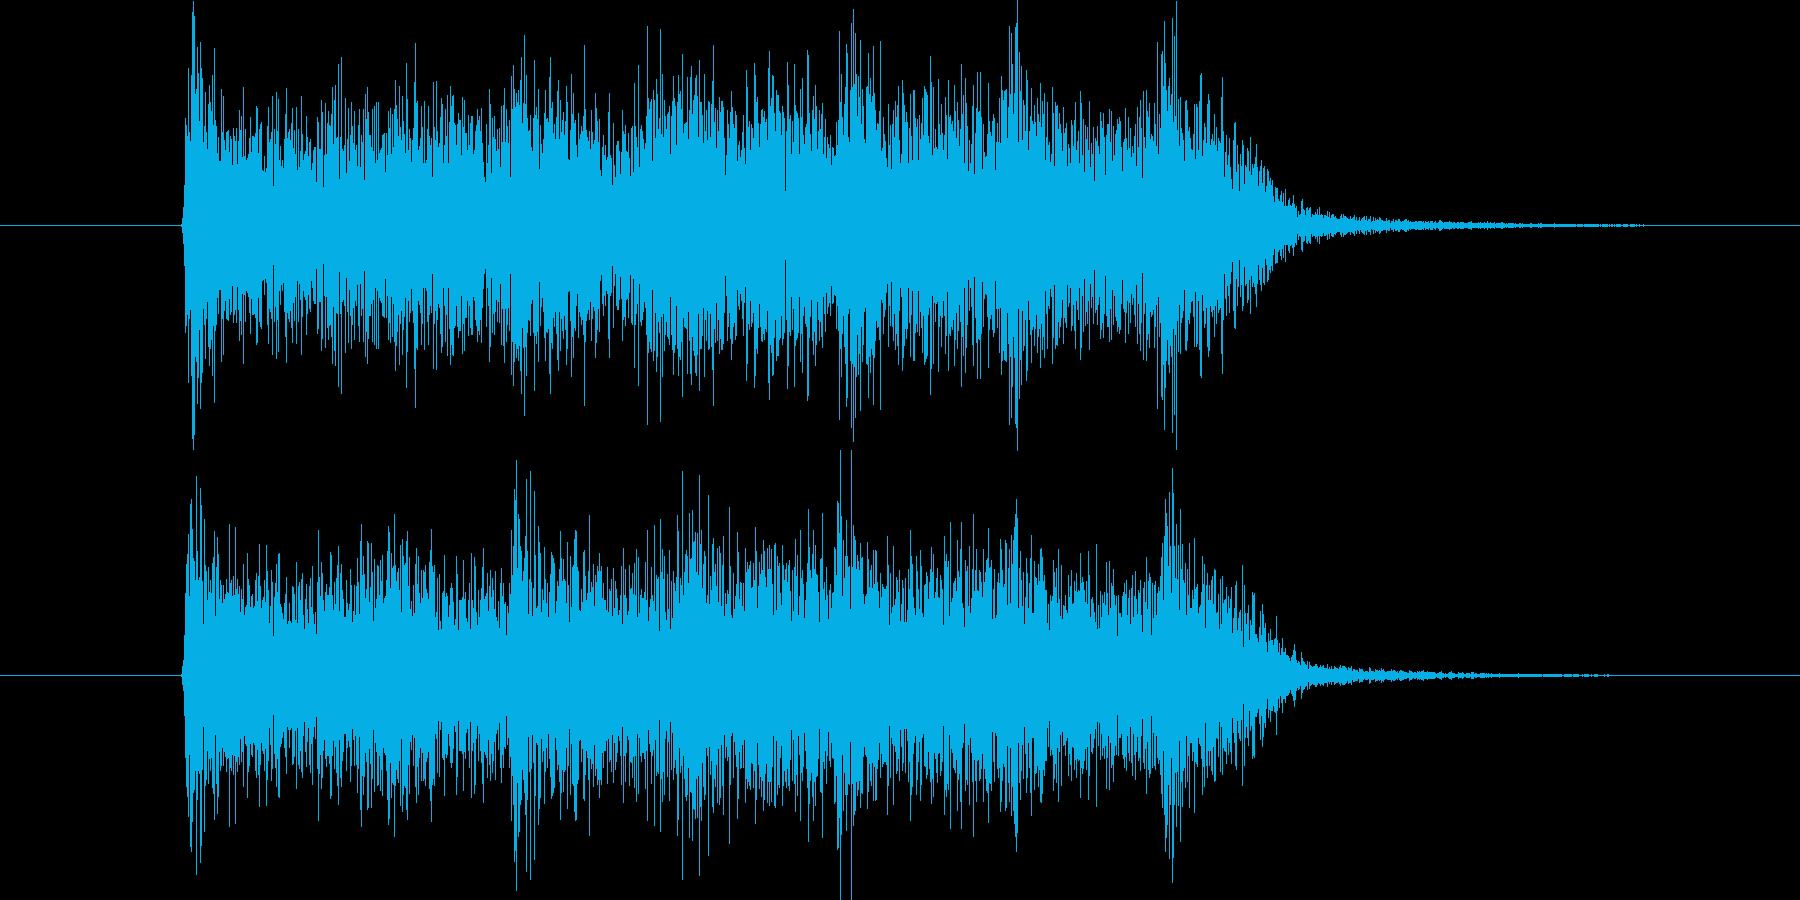 ニュース番組などのエンディングにの再生済みの波形